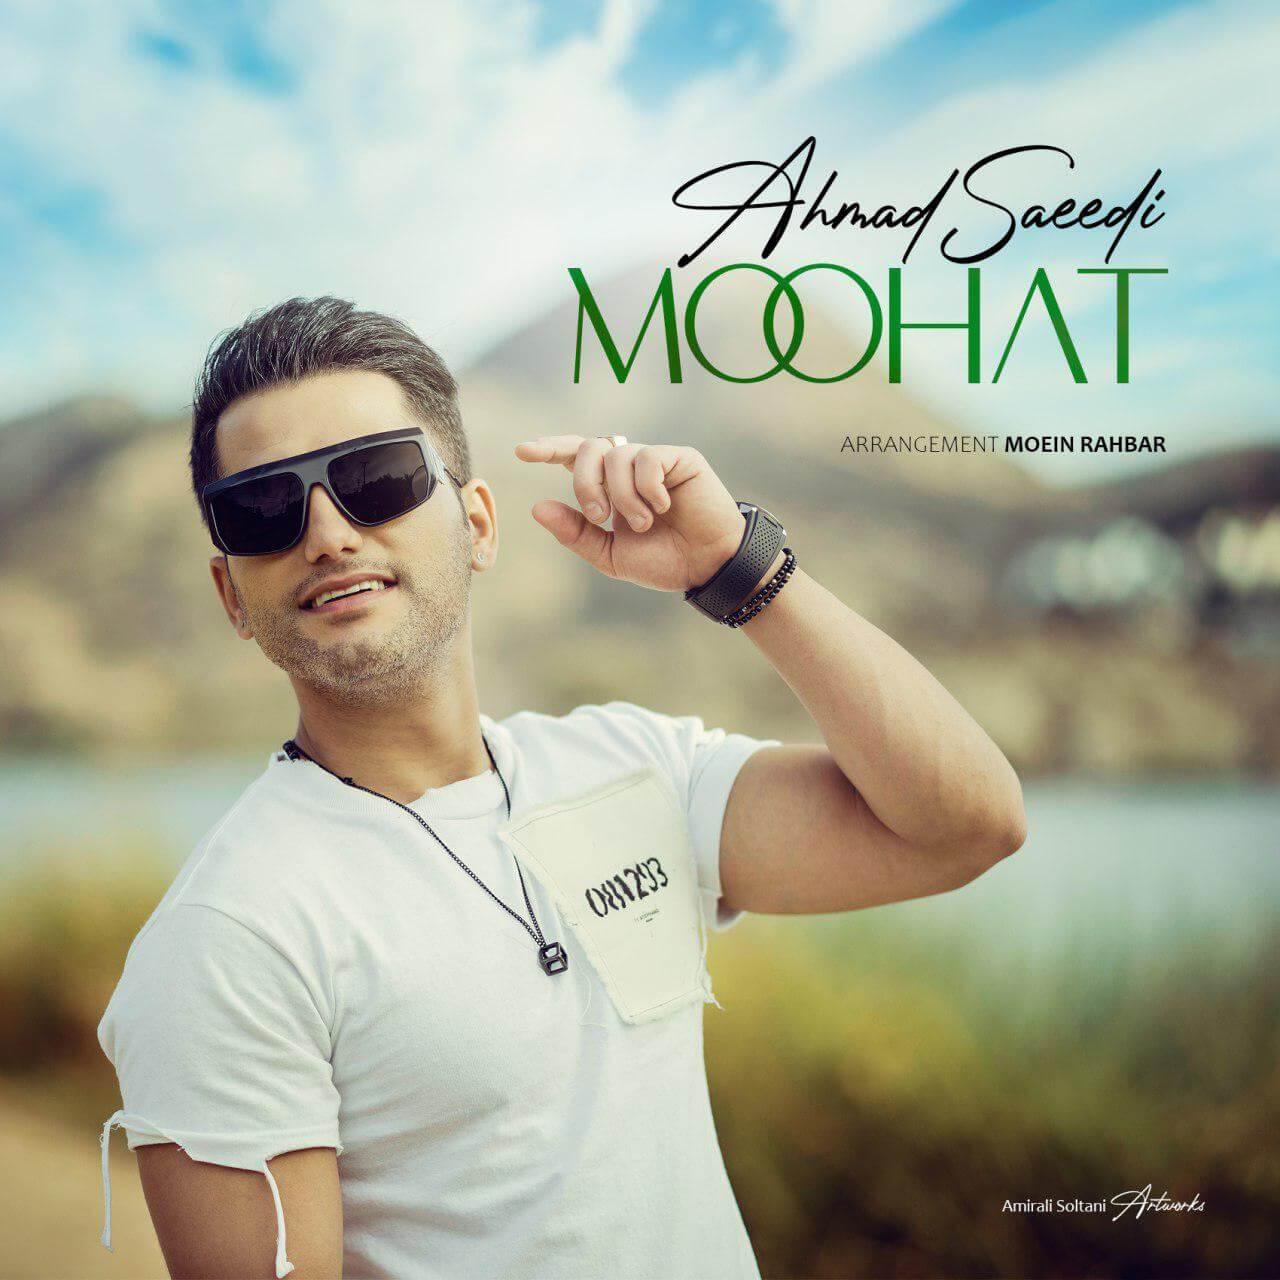 دانلود آهنگ احمد سعیدی موهات _ موهاتو که بالا میبندی ماه جلوت کم میاره + متن ترانه